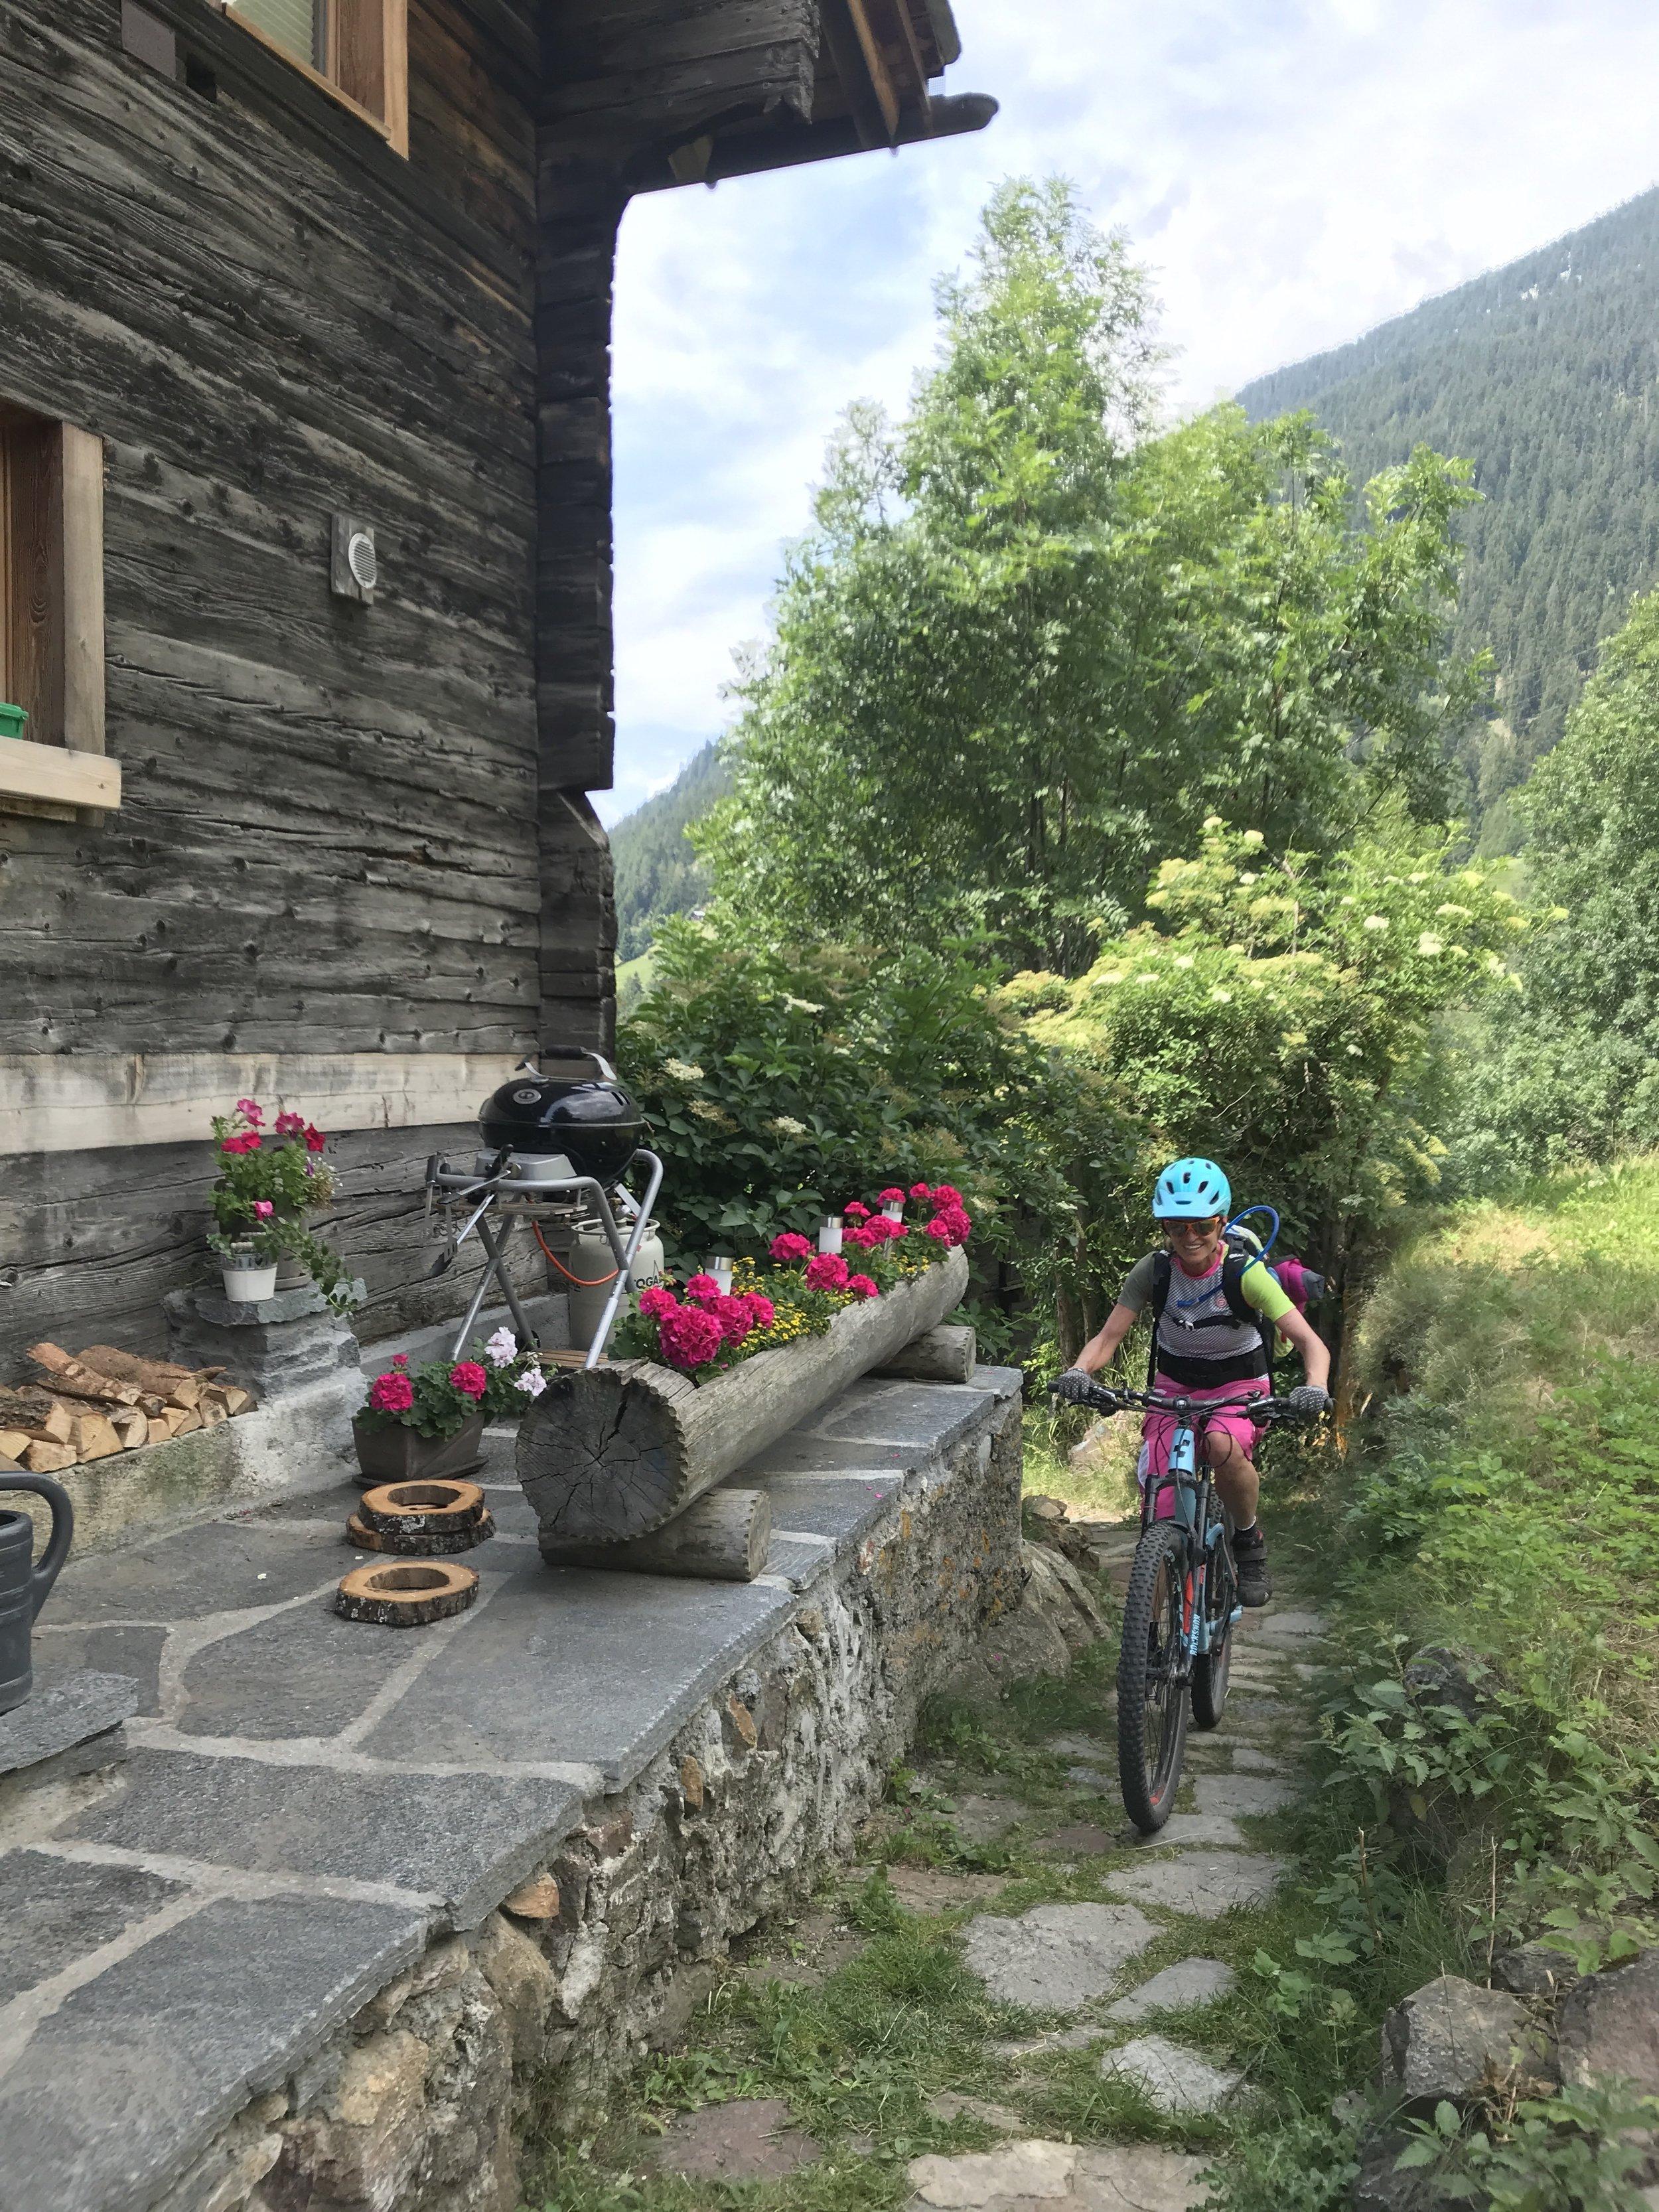 Der Track führt manchmal direkt durch hübsche Schweizer Dörfer